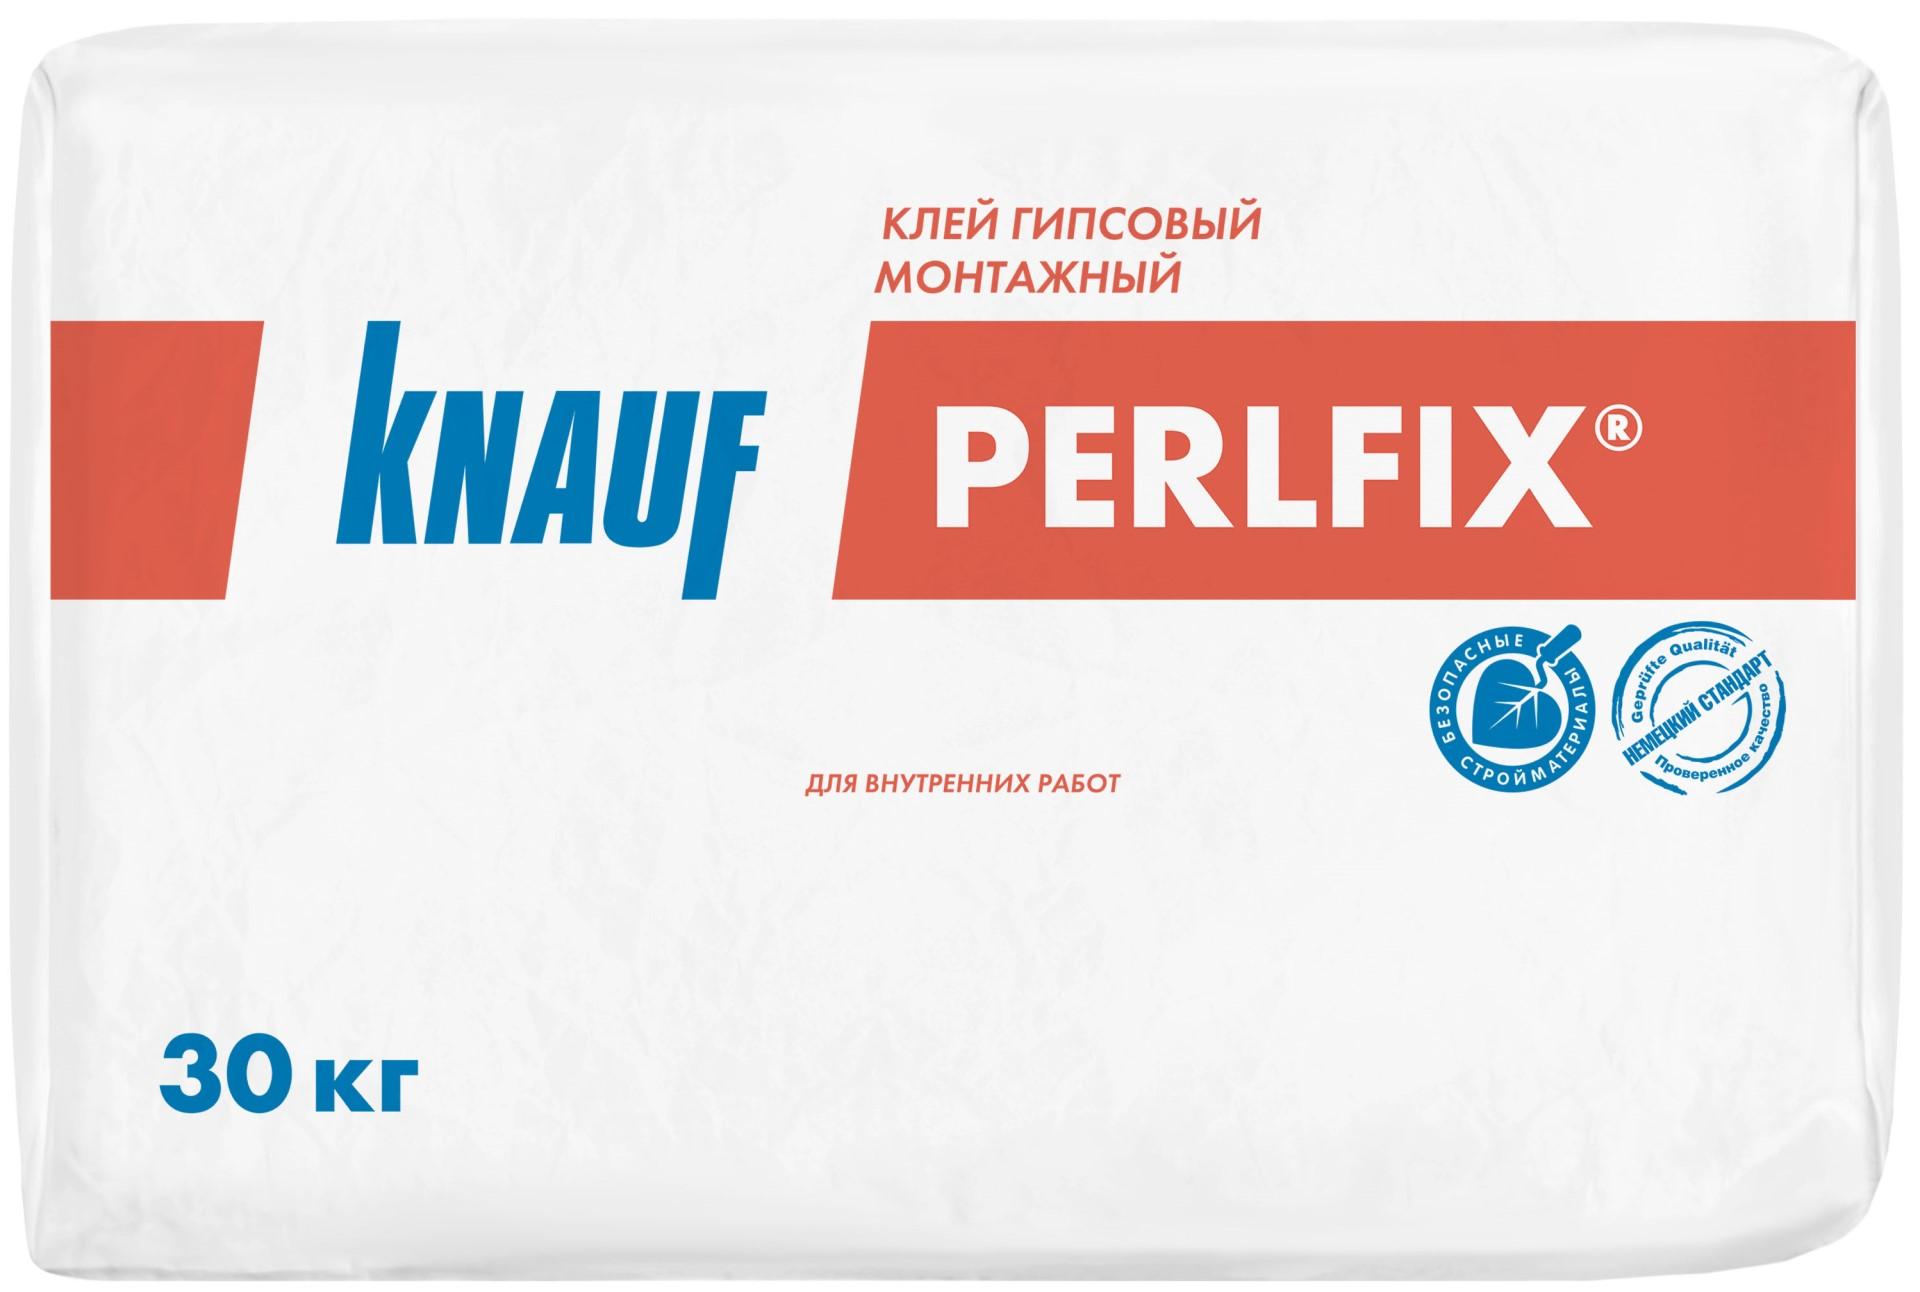 Купить Смесь монтажная гипсовая Knauf Перлфикс, 30 кг — Фото №1